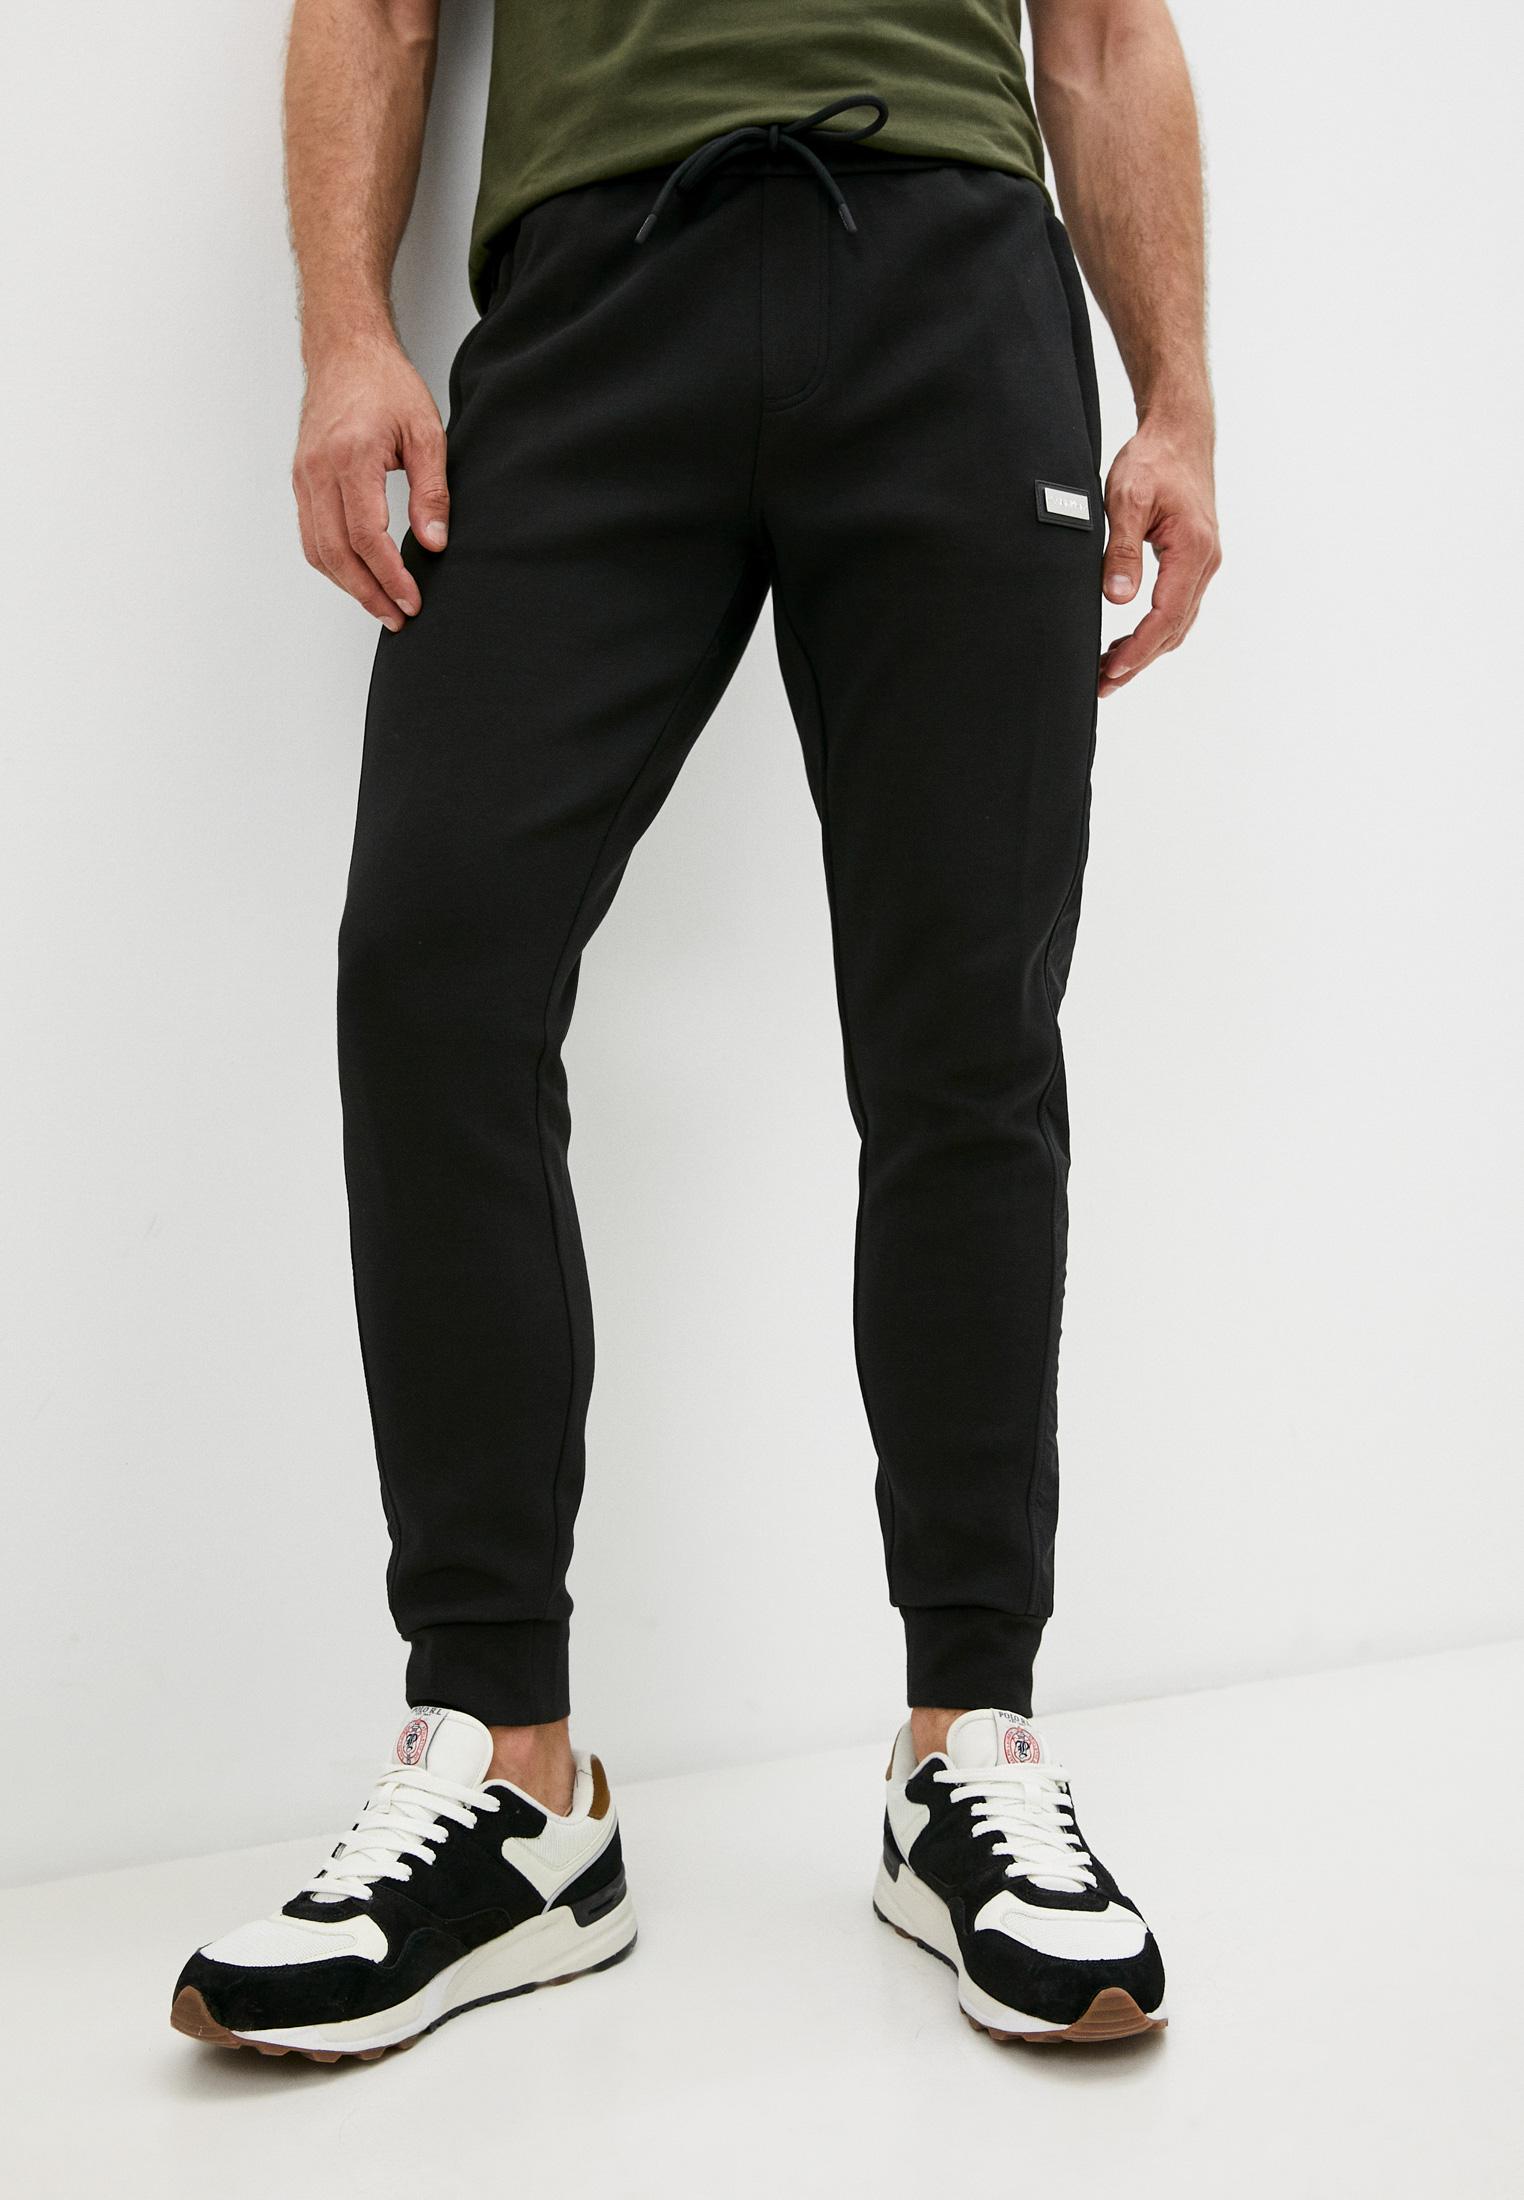 Мужские спортивные брюки Calvin Klein (Кельвин Кляйн) Брюки спортивные Calvin Klein